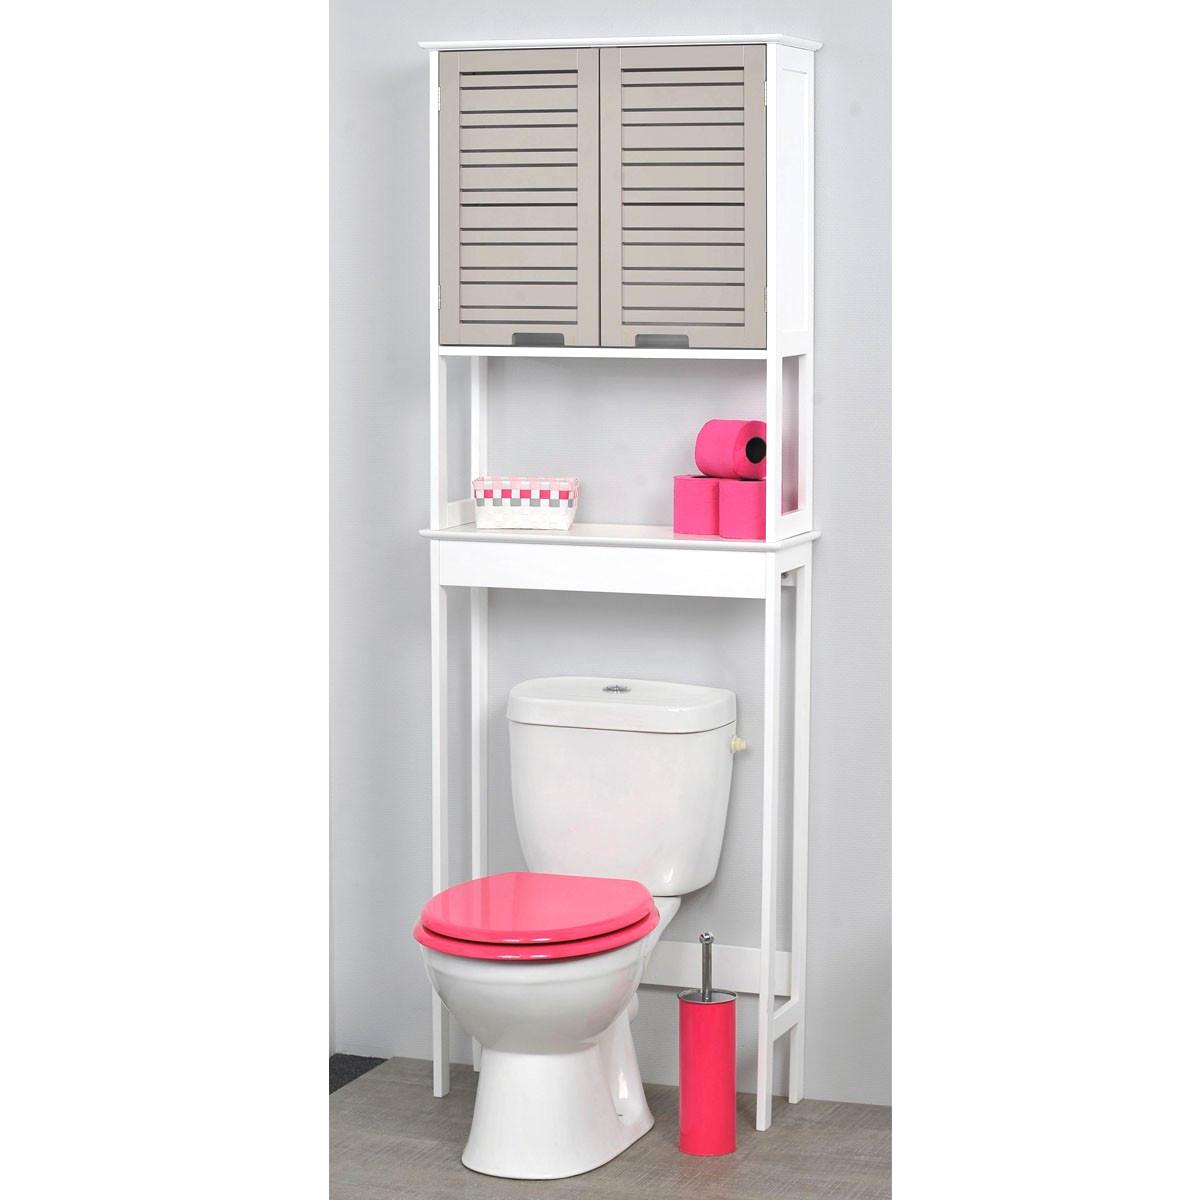 éclairage Salle De Bain Leroy Merlin Élégant Galerie Ikea Meuble De toilette